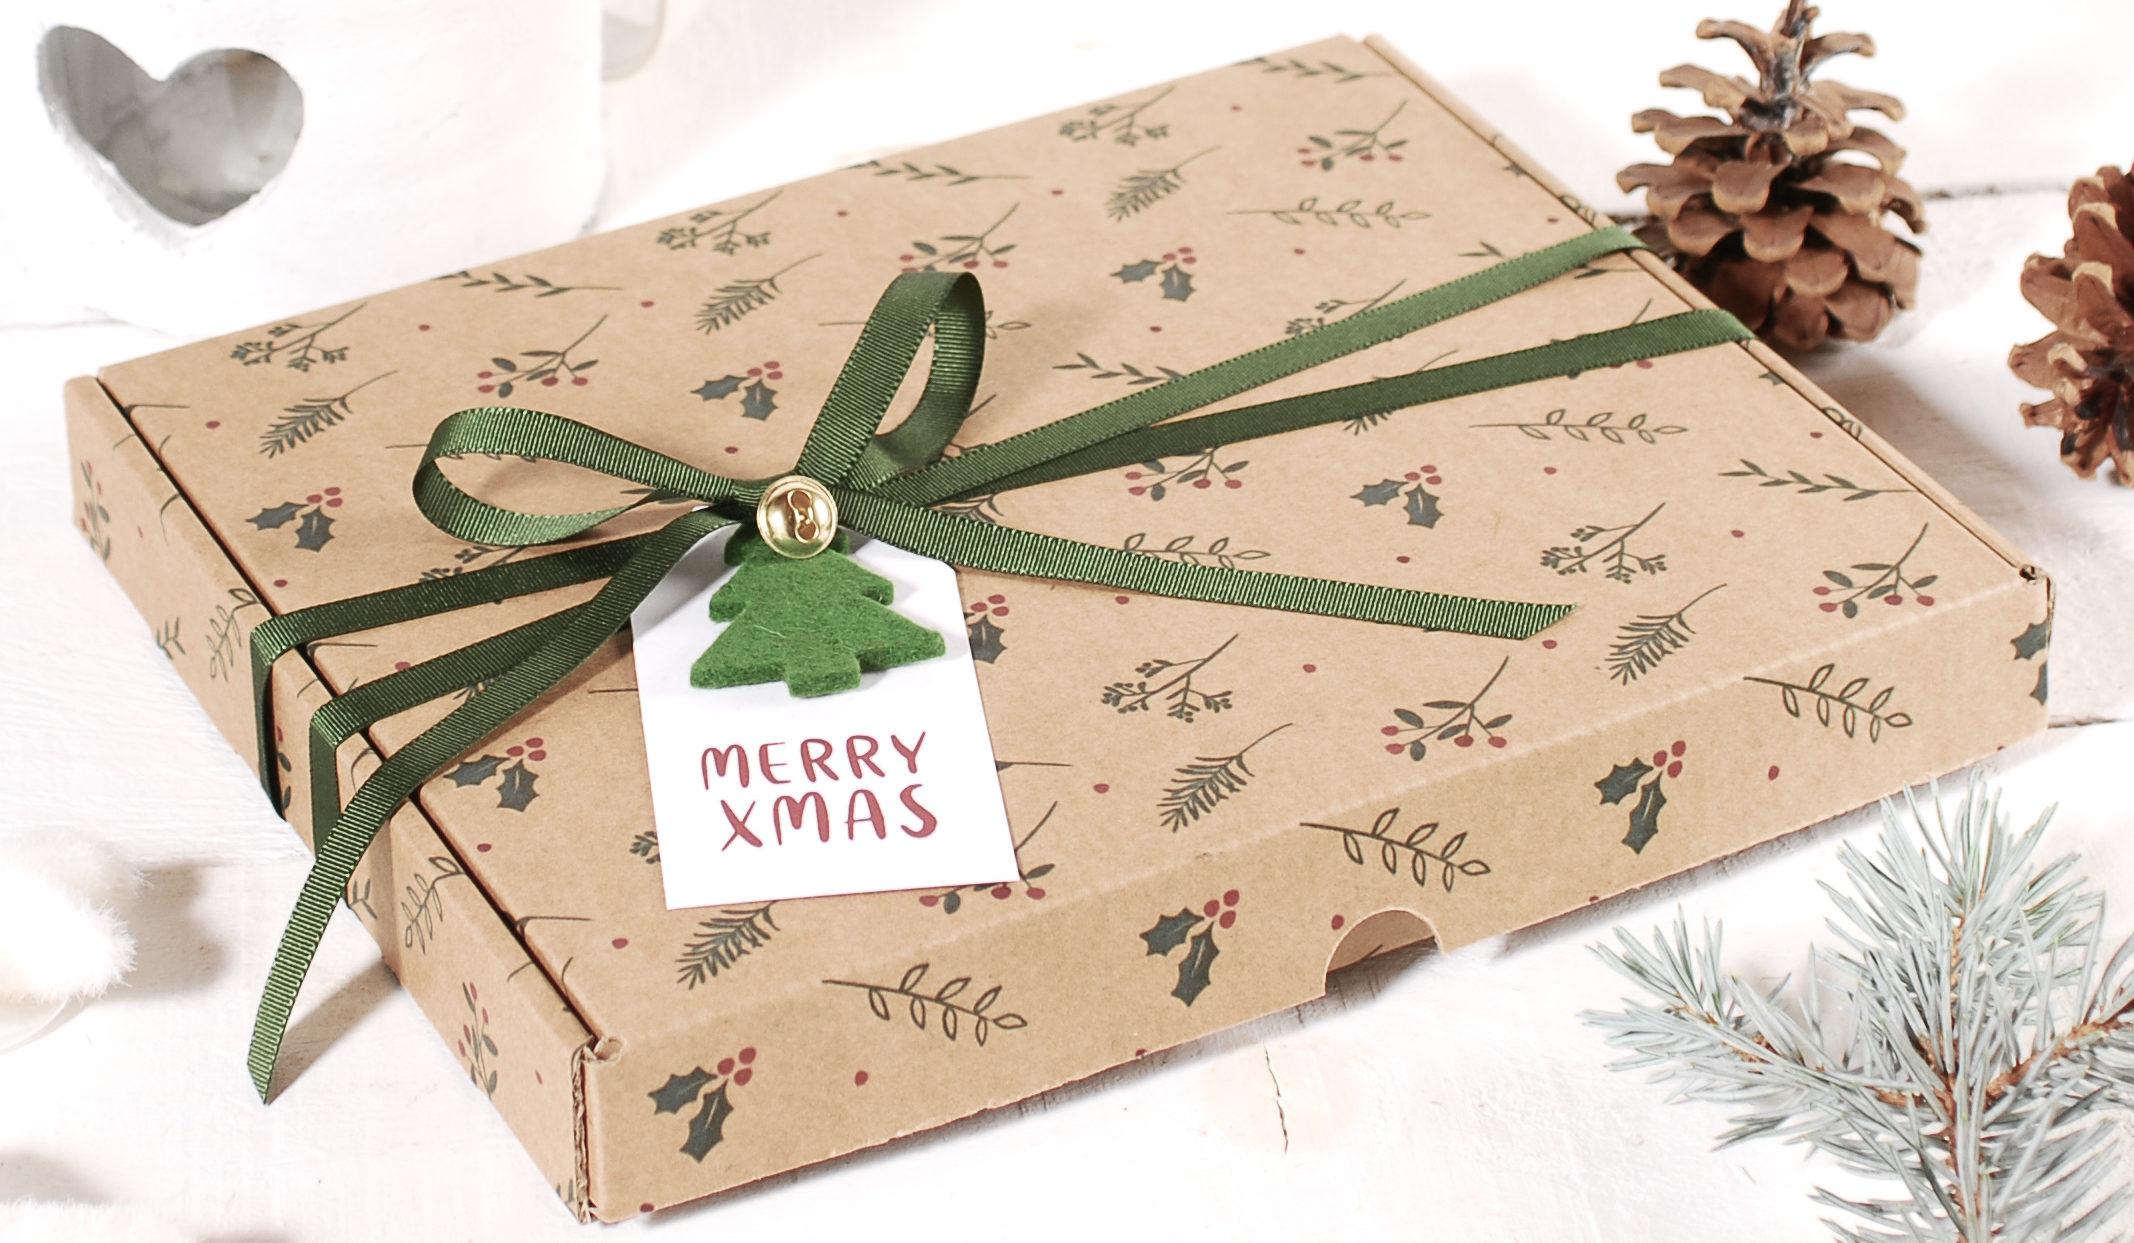 Tendencias en decoración de cajas de carton para Navidad